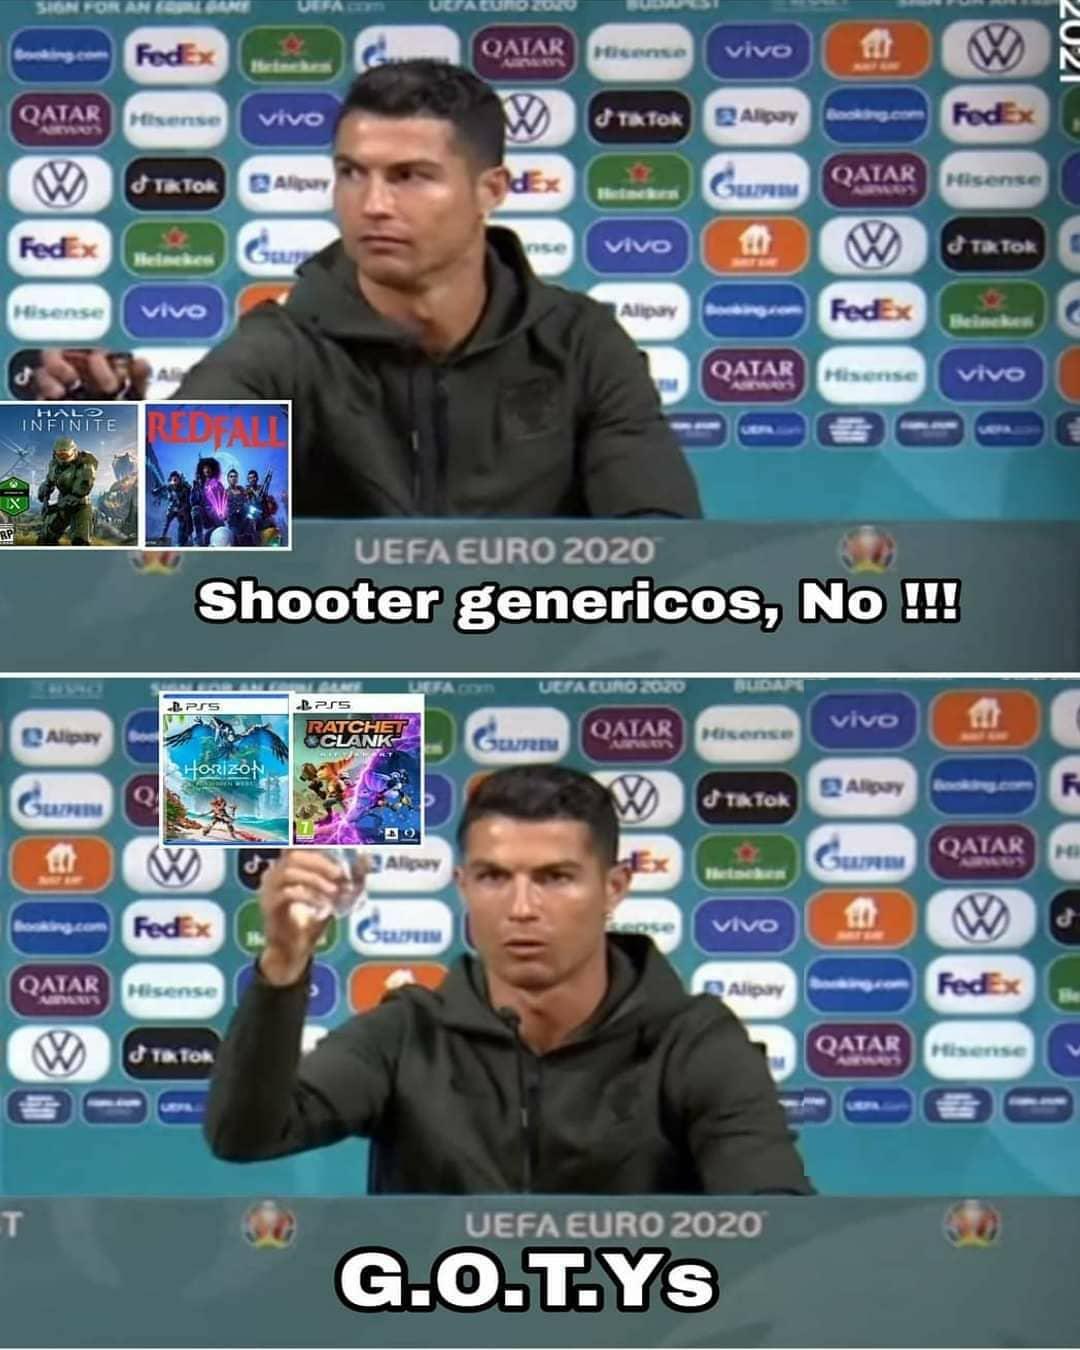 Shooter genéricos, no!!! G.O.T.Ys.